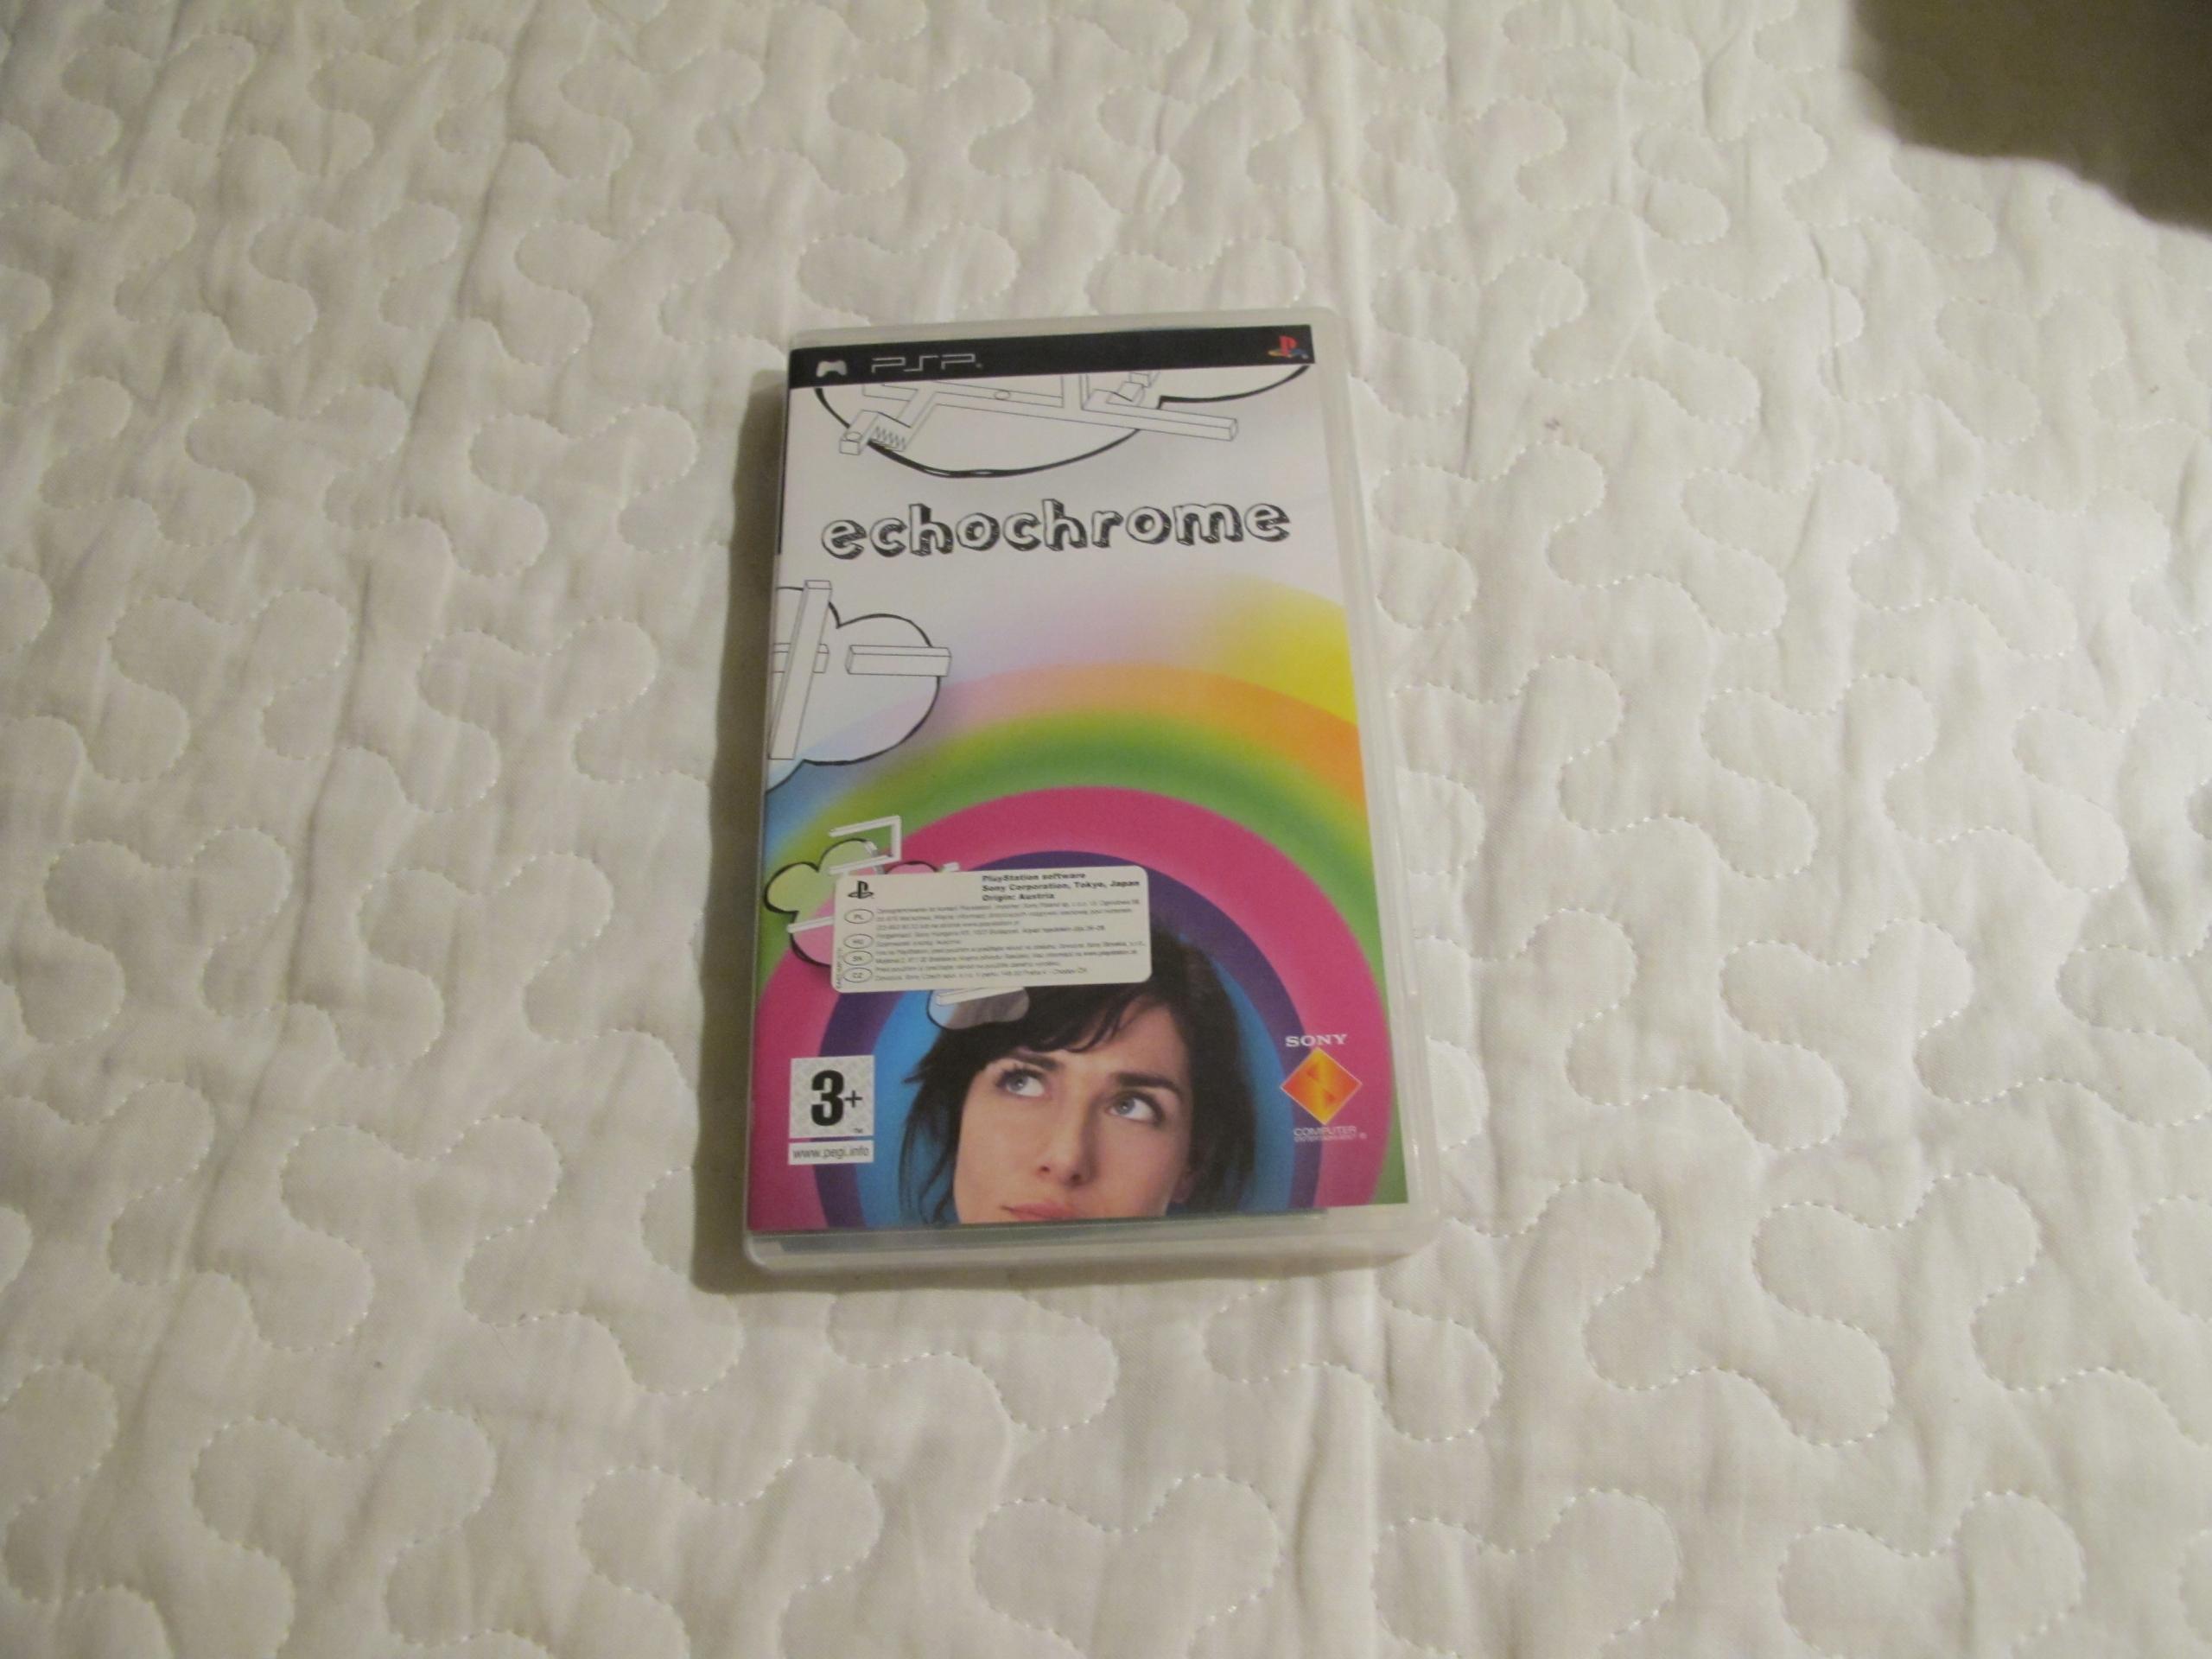 Echochrome - gra logiczna na PSP